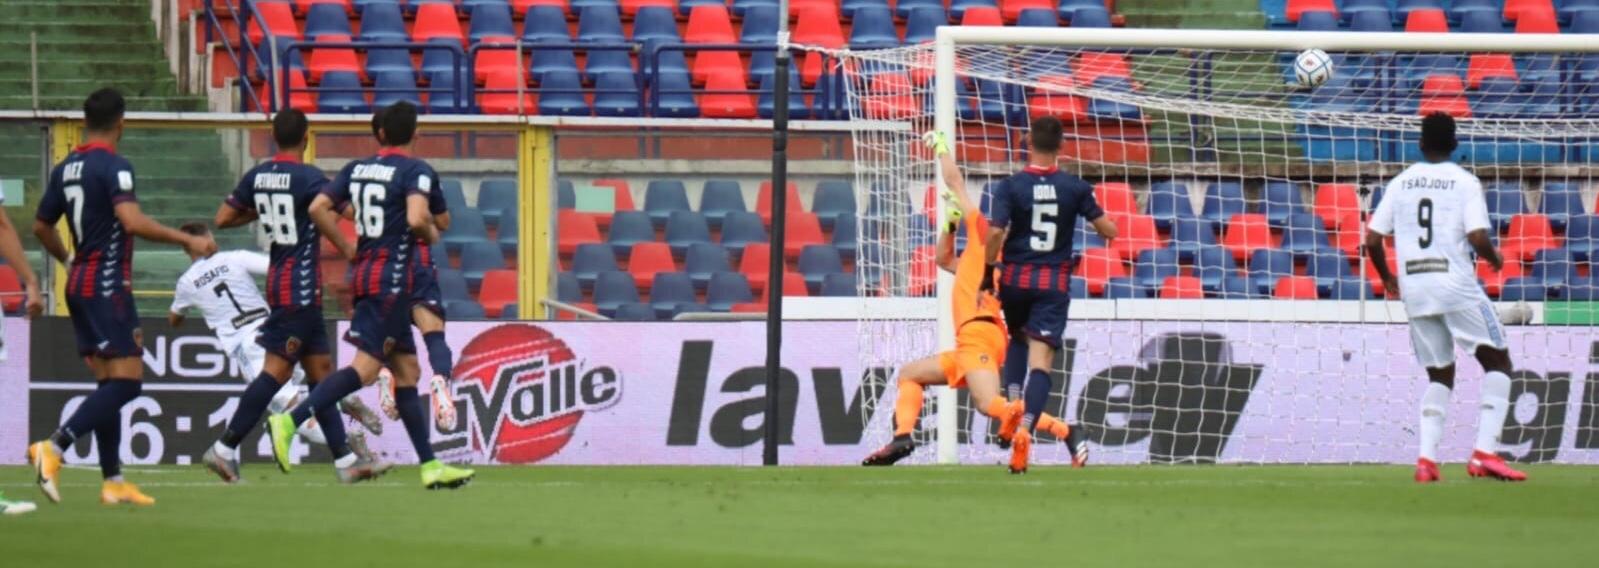 Cosenza – Cittadella 1 – 1